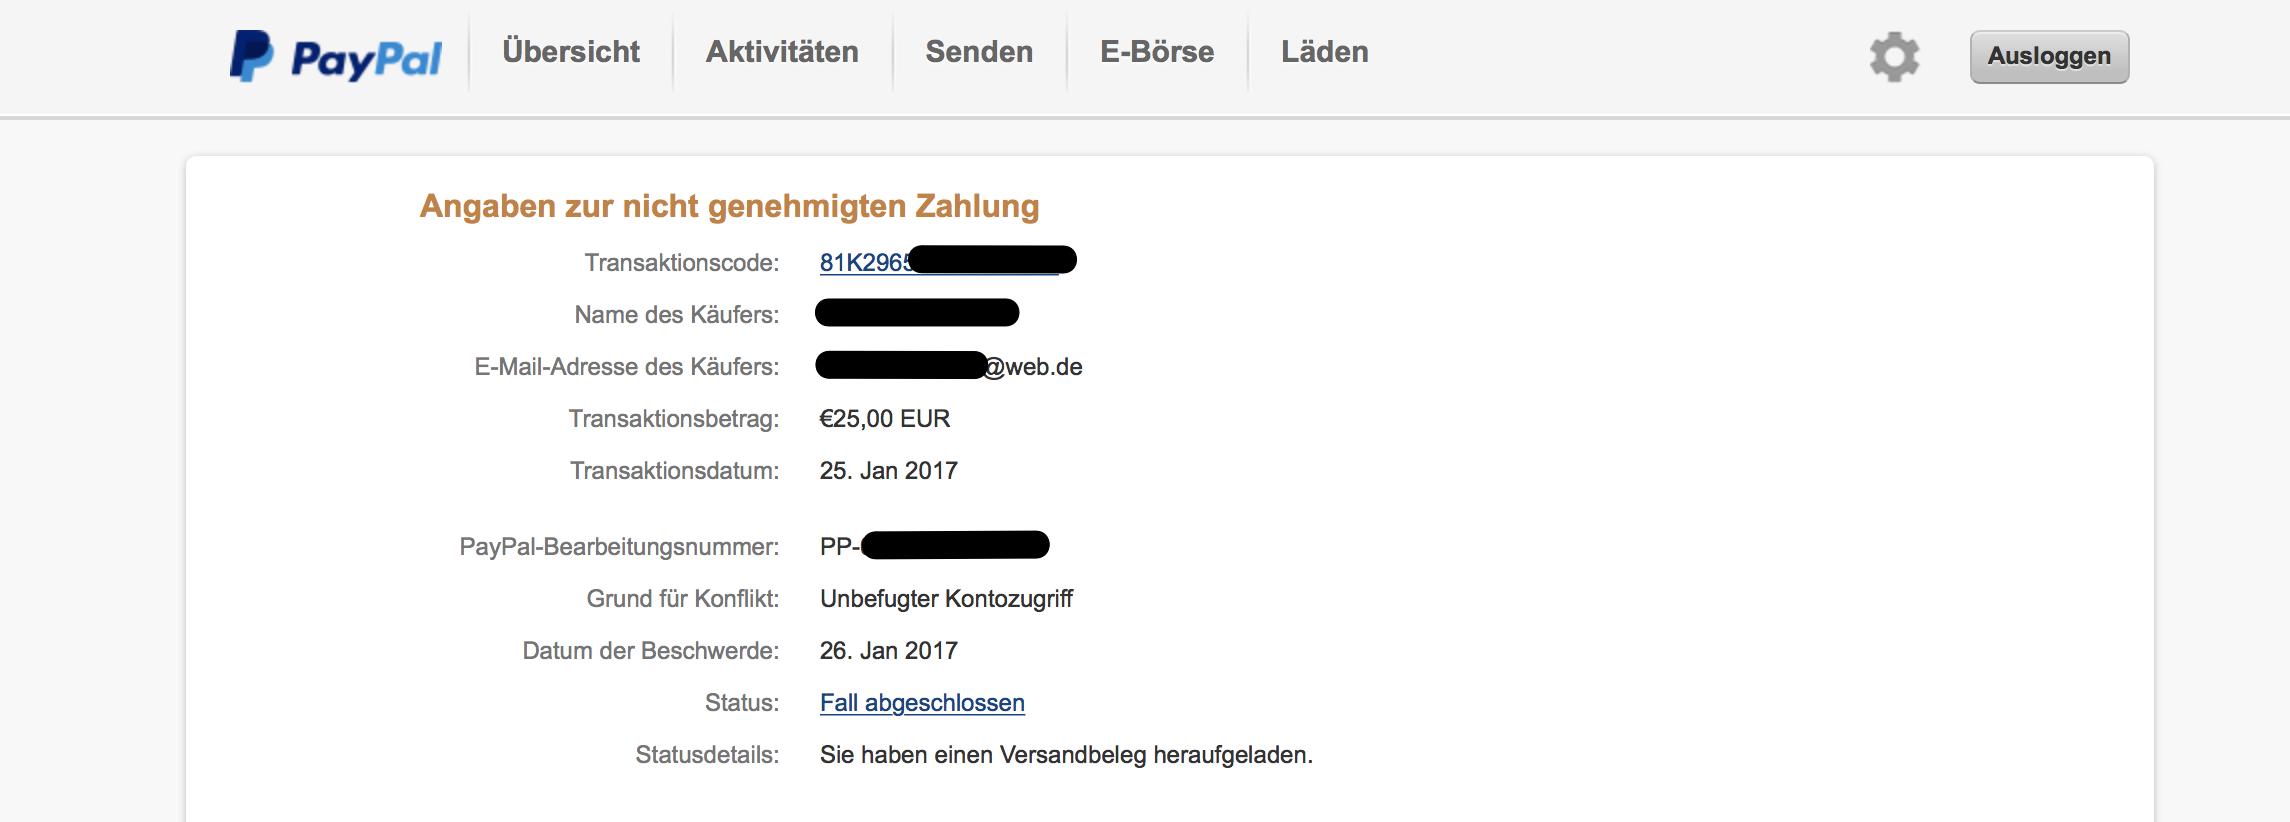 Achtung Vor Dreister Betrugsmasche Bei Paypal Netzgadgetde